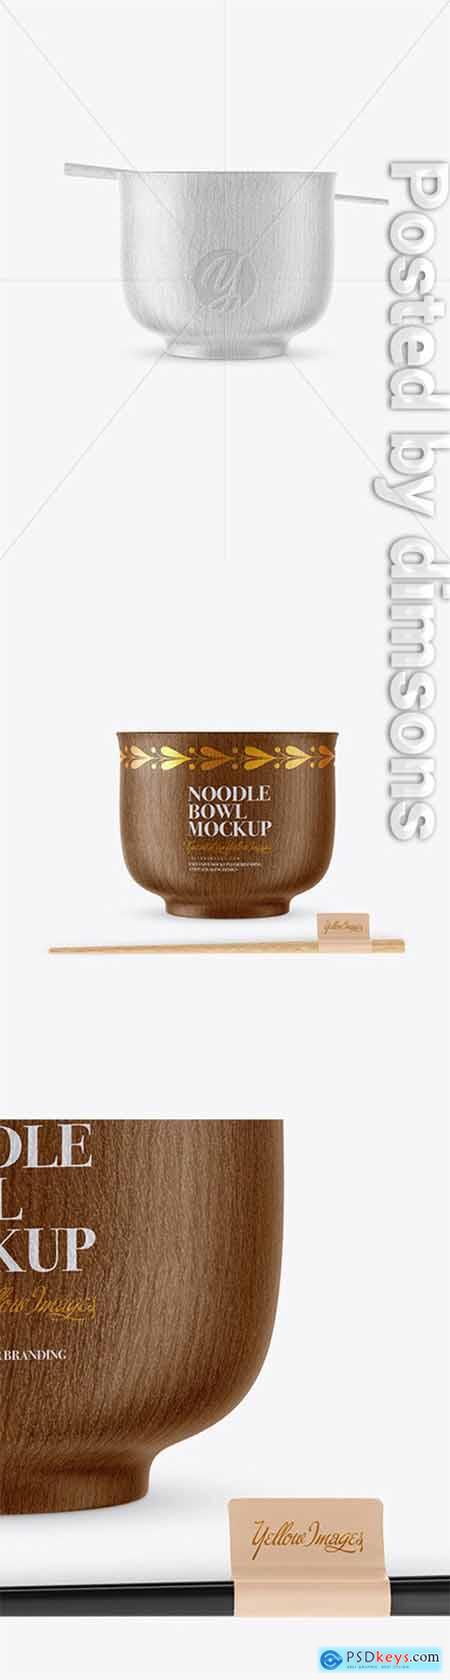 Wooden Noodle Bowl Mockup 51256